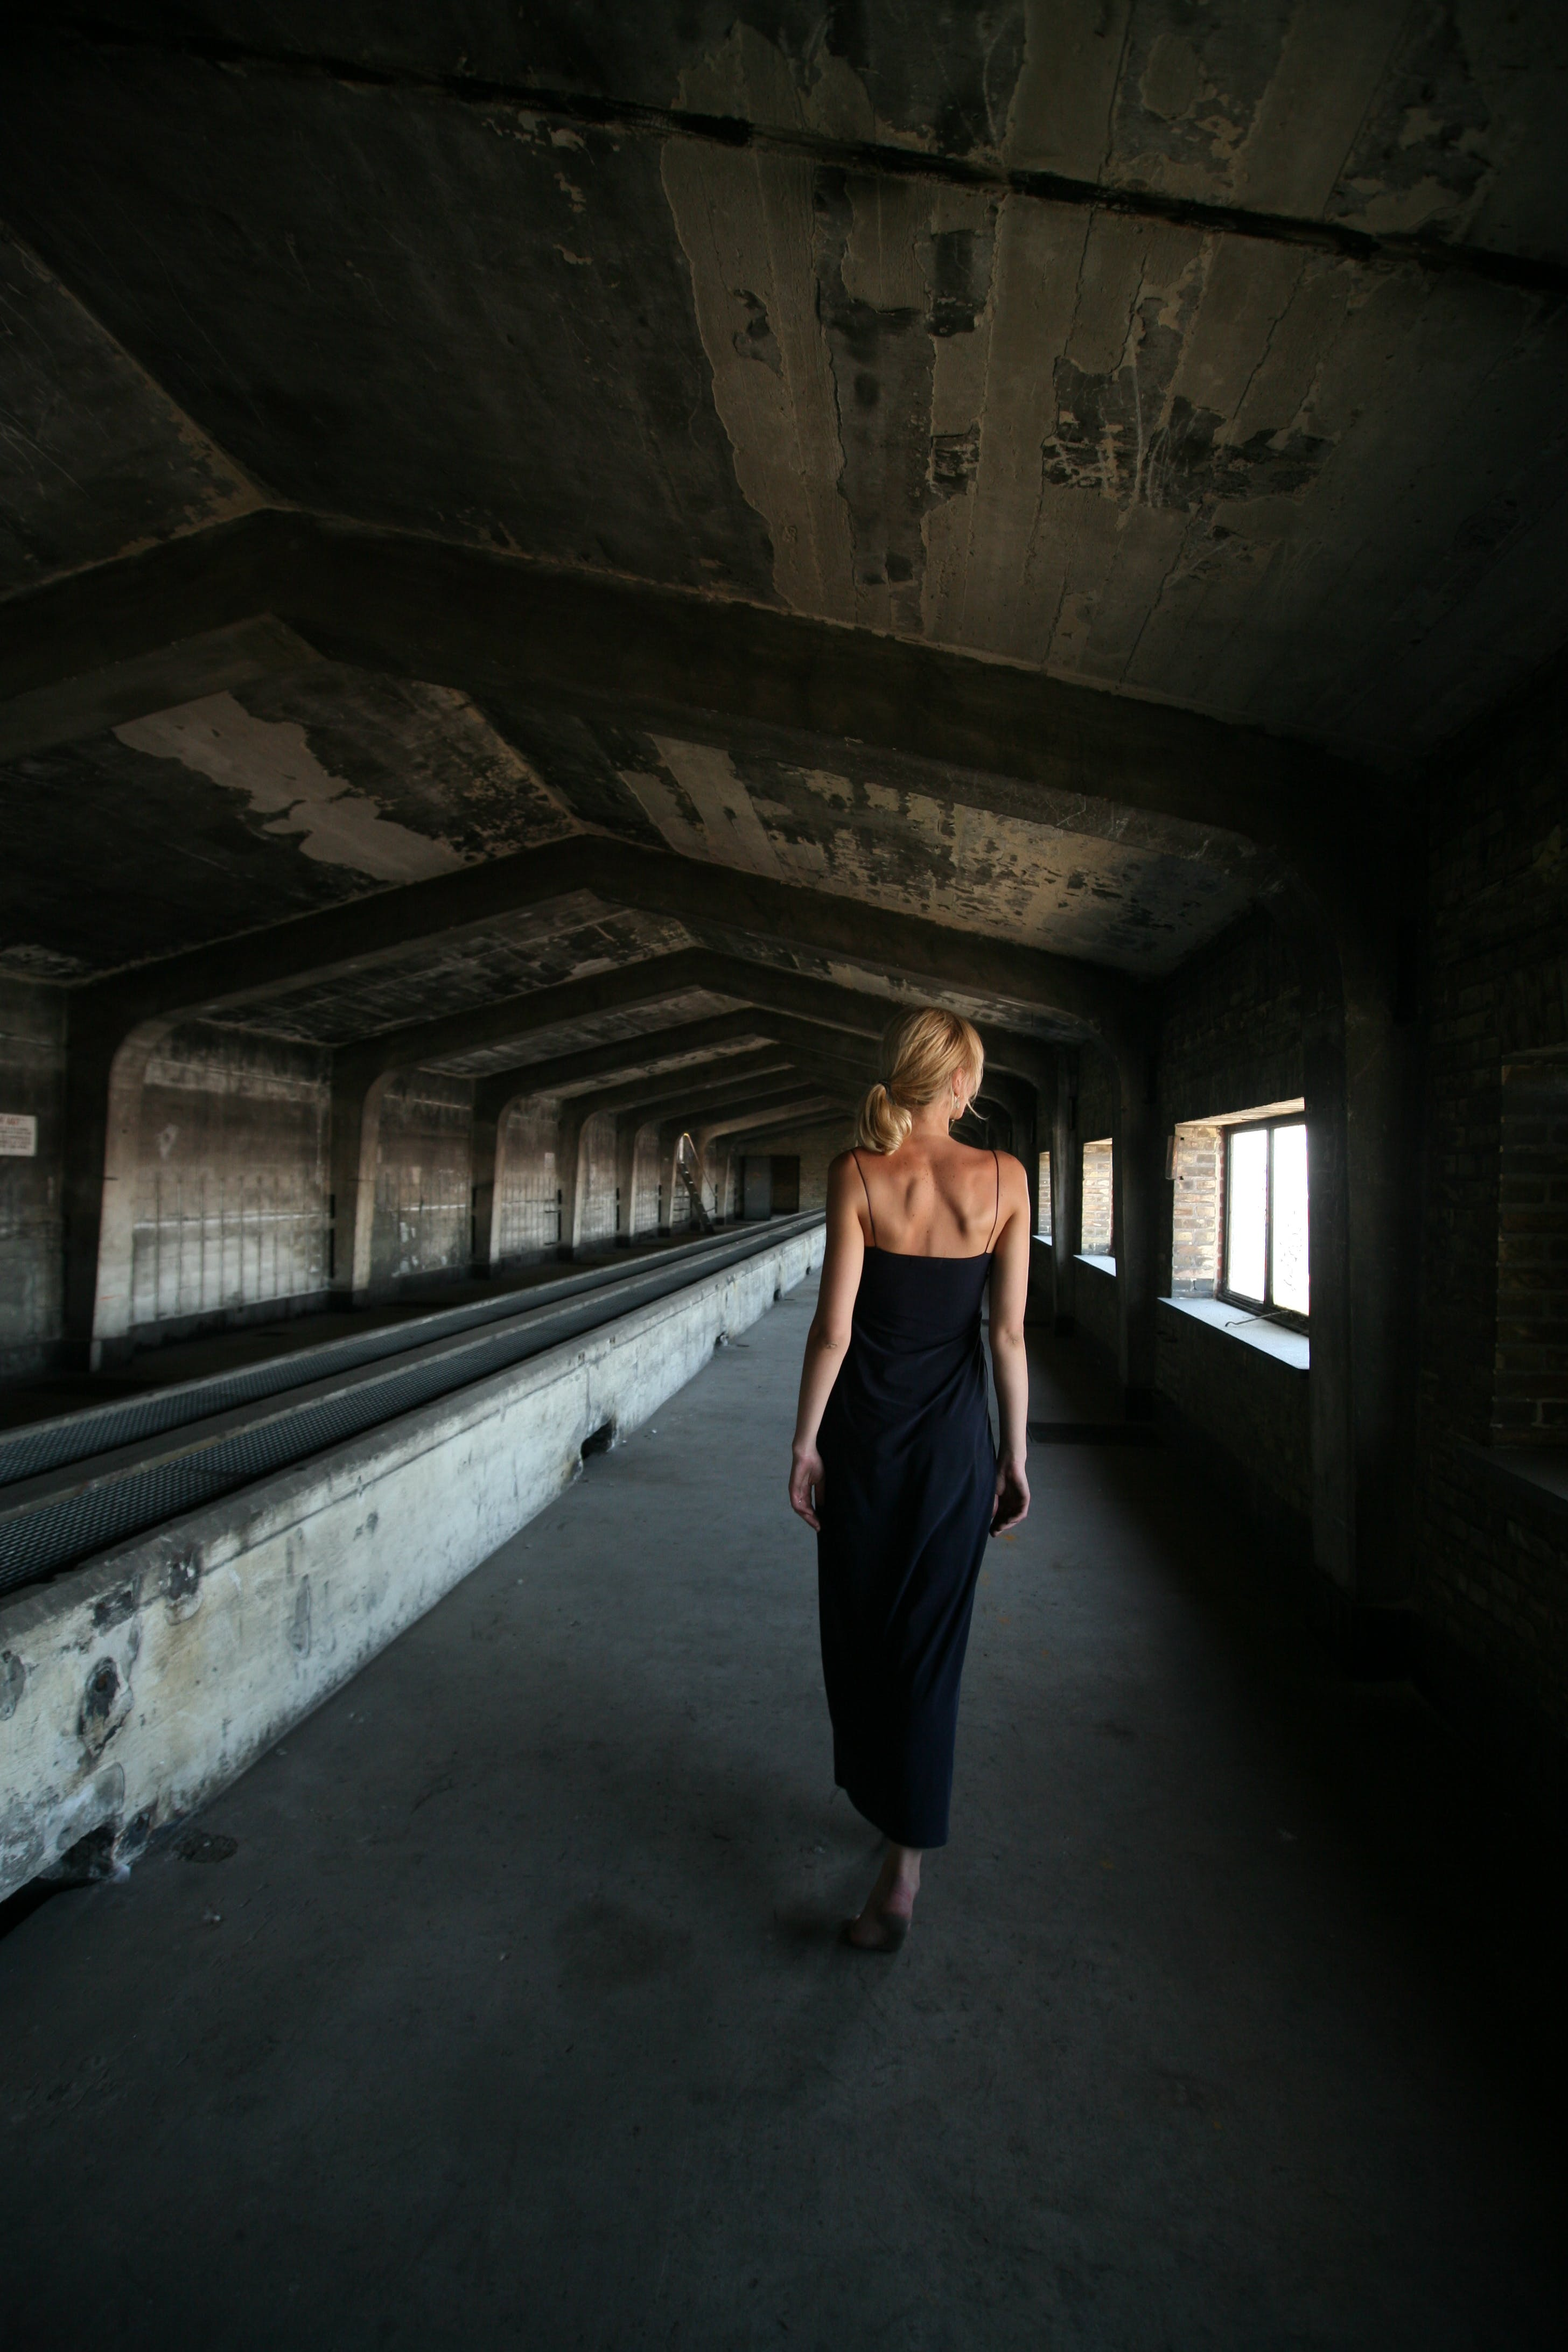 アダルト, インドア, ダーク, ファッションの無料の写真素材